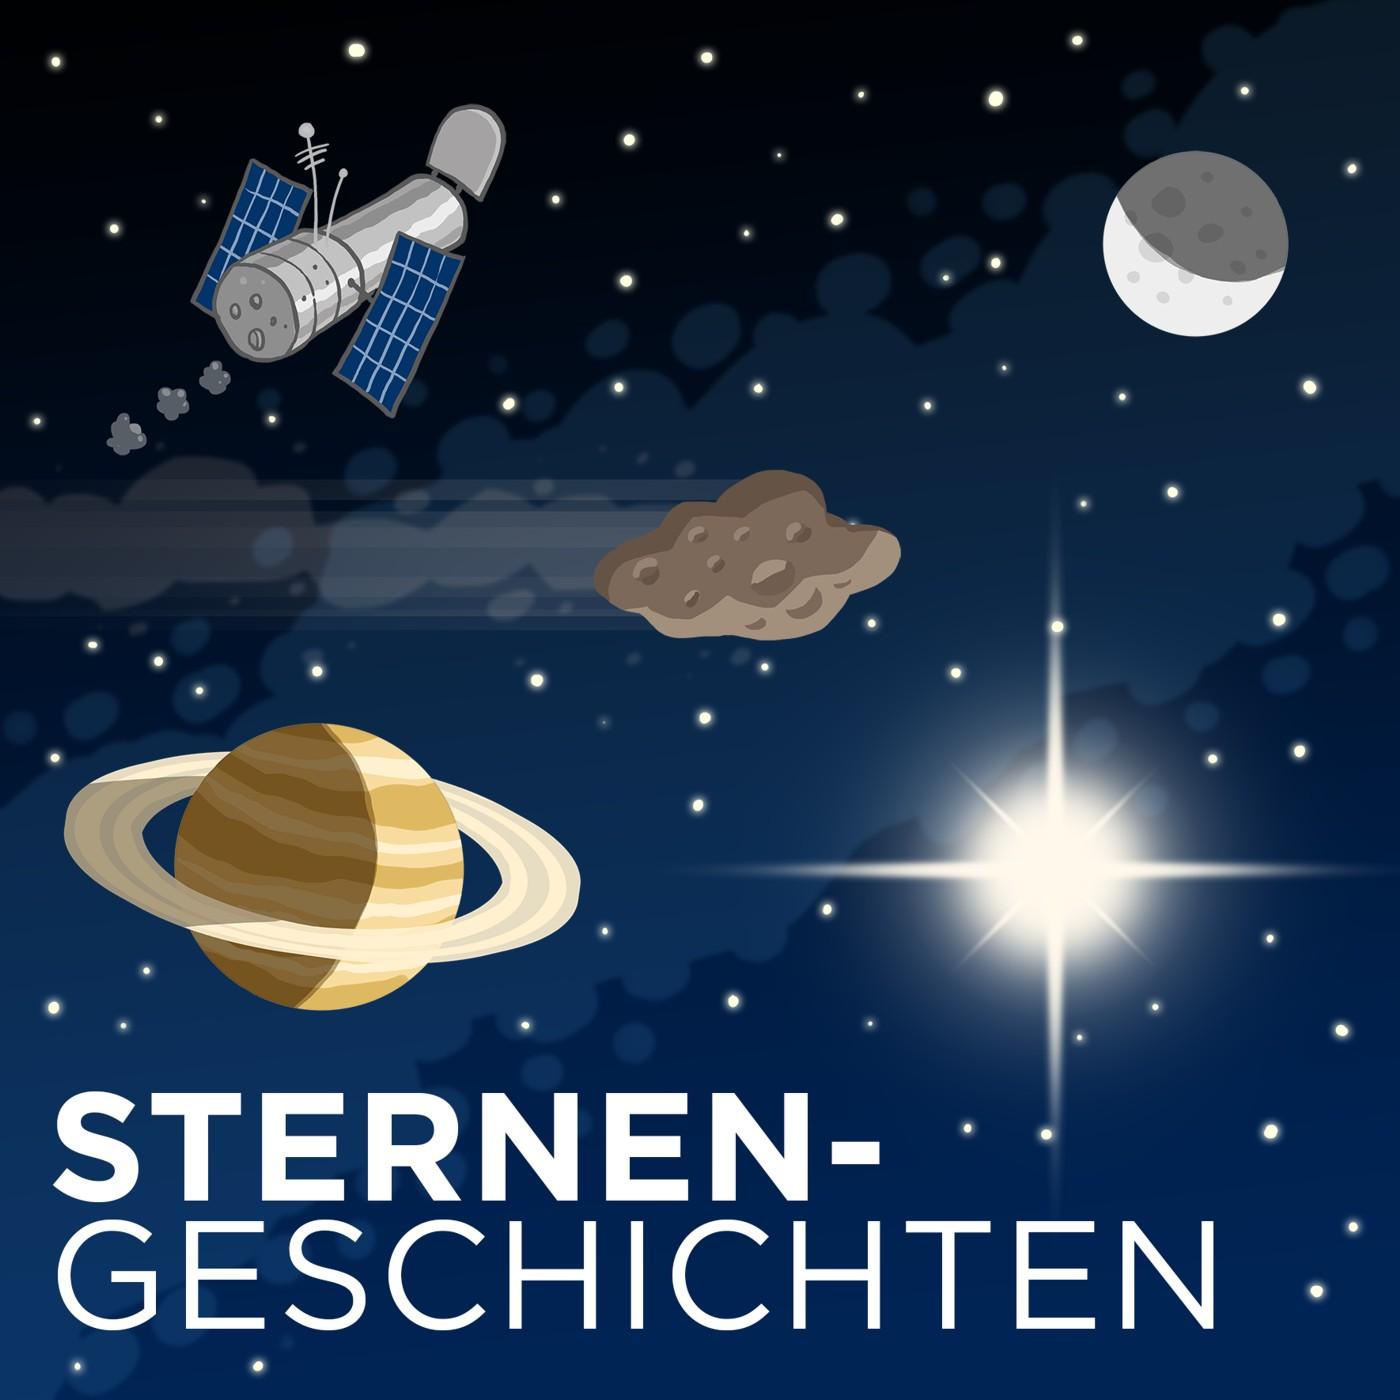 Sternengeschichten Folge 395: Stellarstatistik, Eichfelder und die Polsequenz